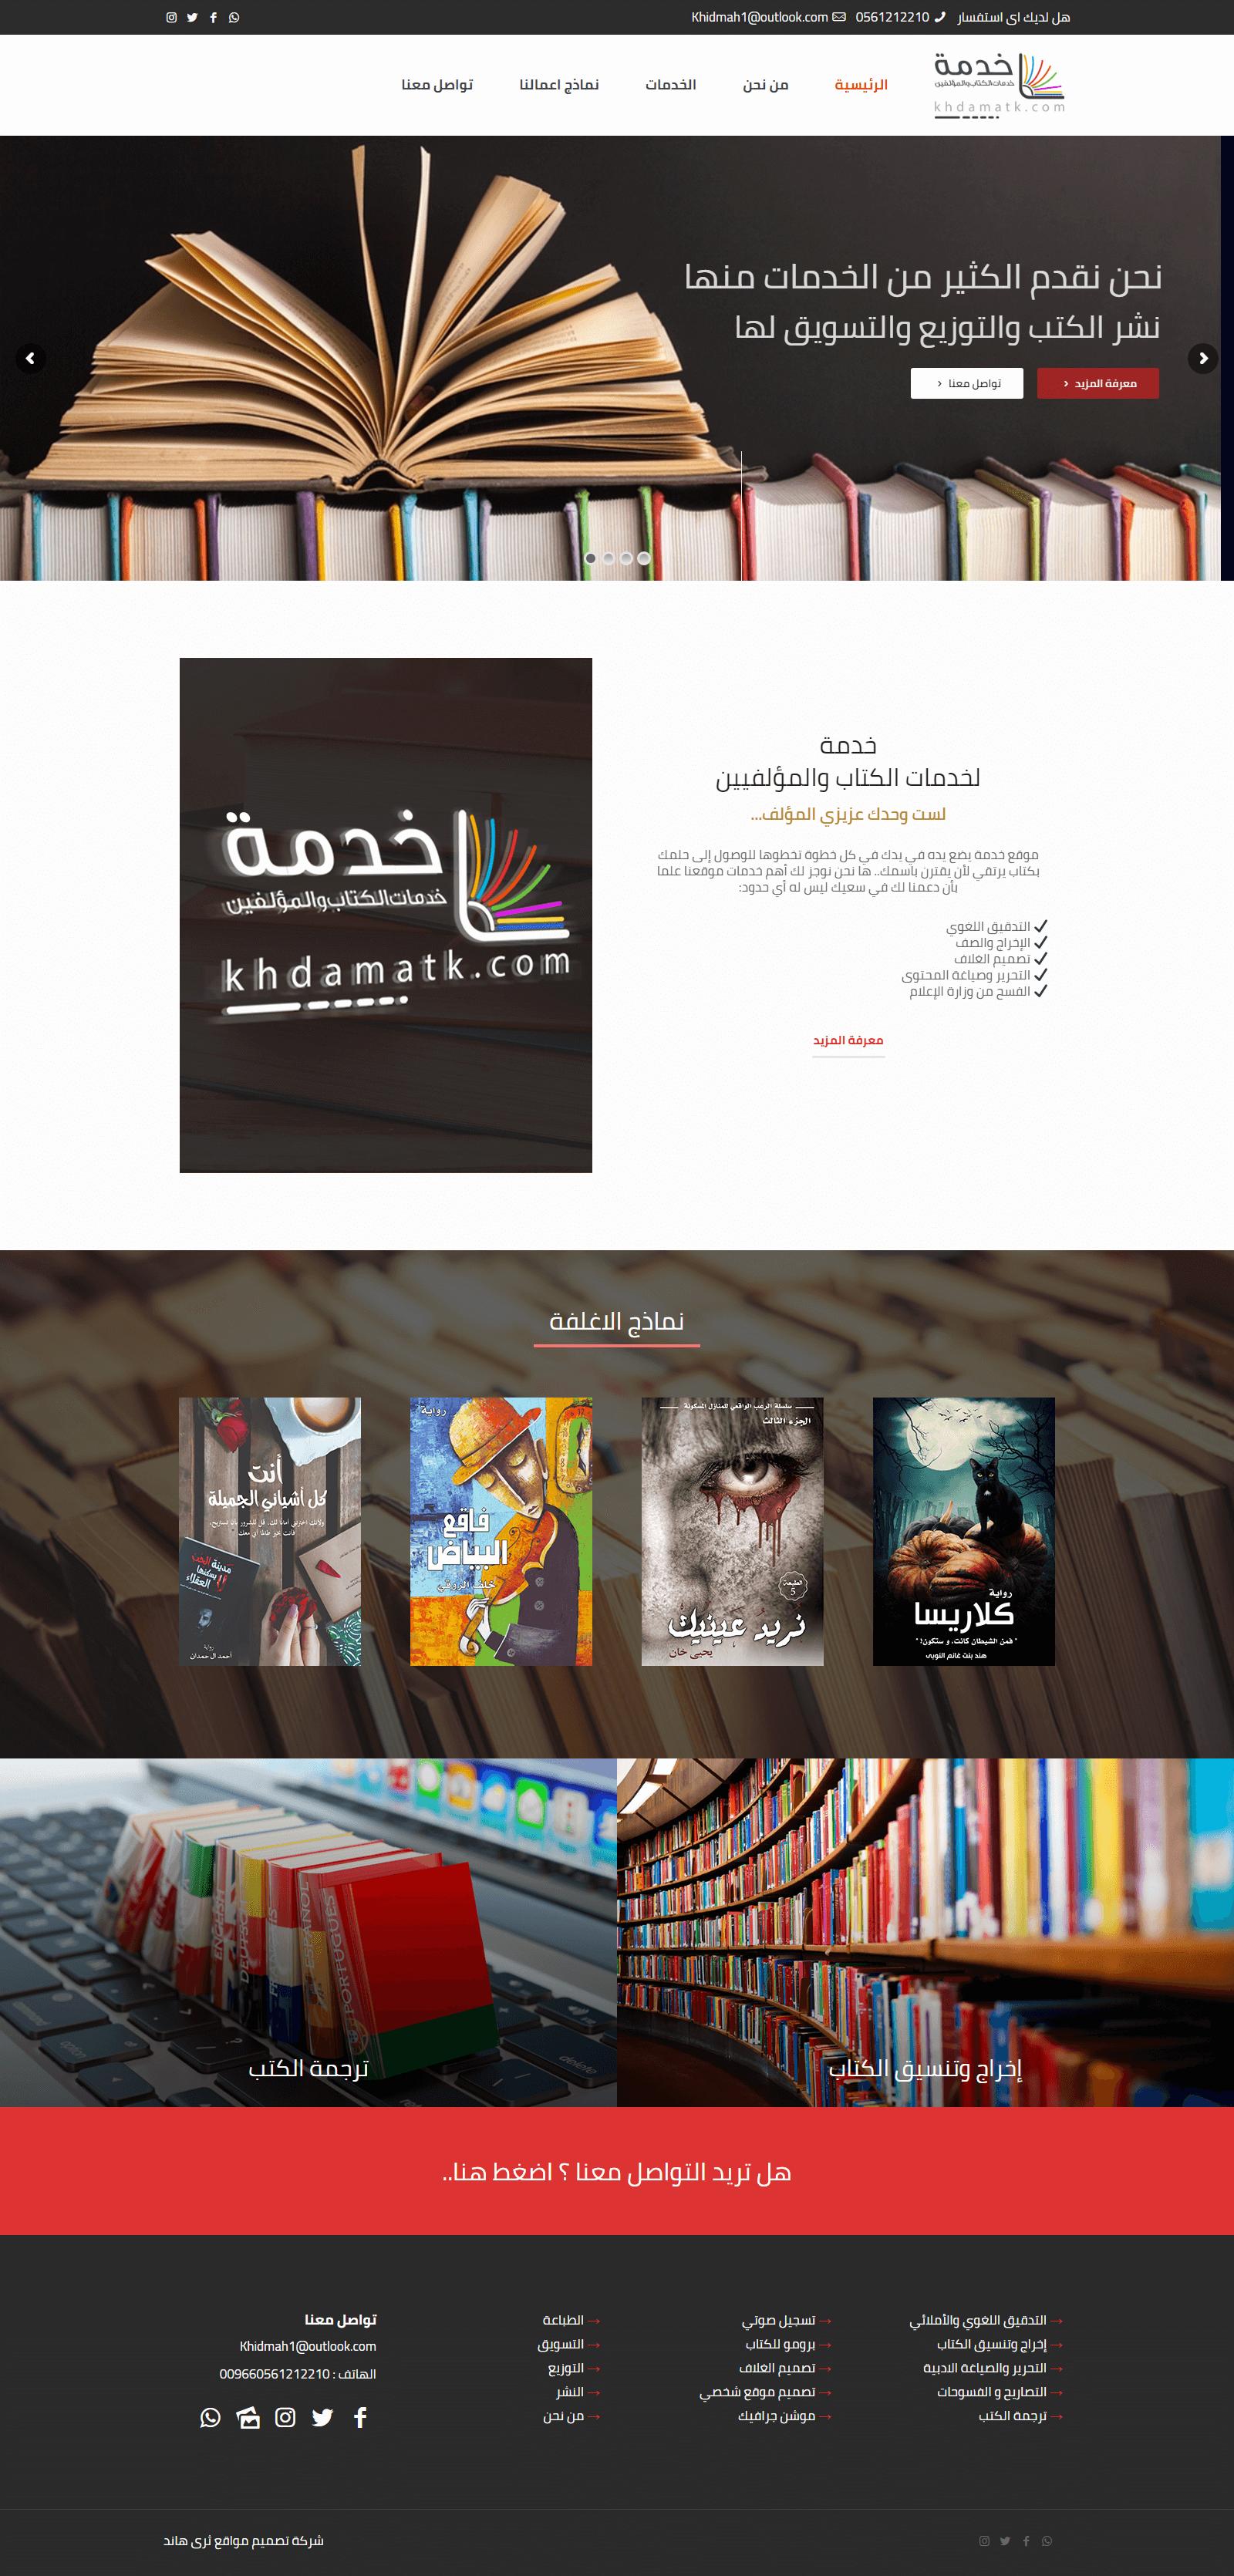 مؤسسة خدمه – لخدمات الكتاب والمؤلفيين